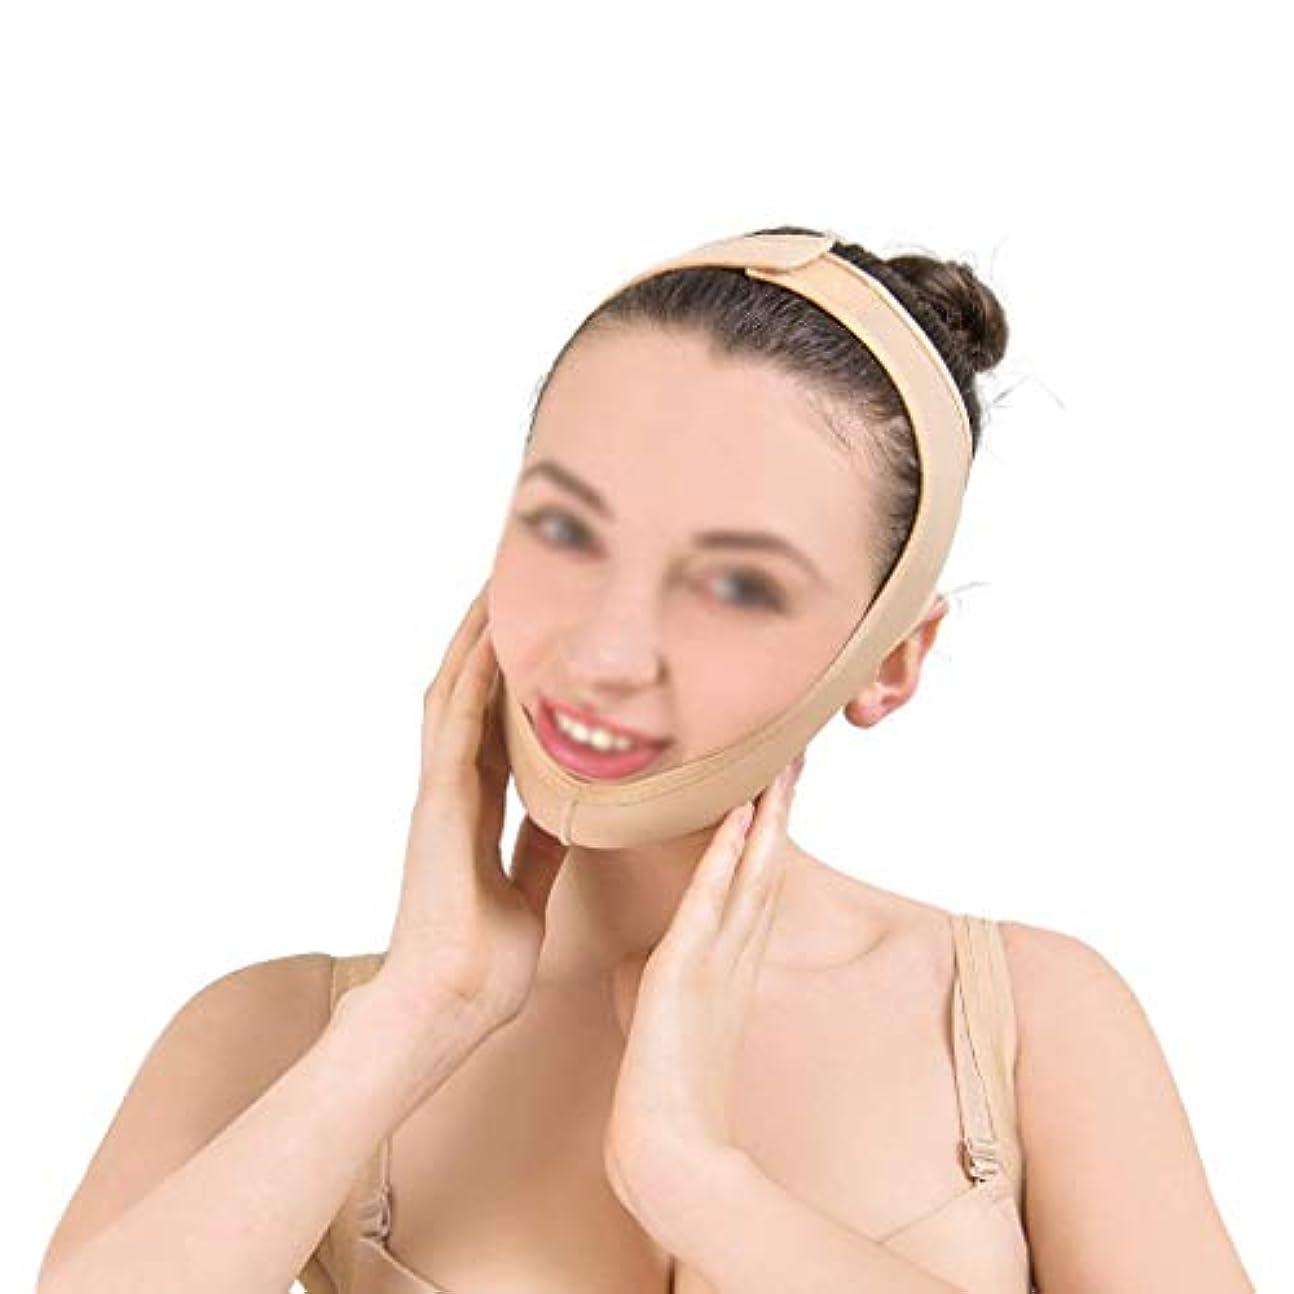 ベテラン人気バランスのとれたフェイスシェイピングベルト、肌の包帯を持ち上げて引き締める、フェイスベルトを持ち上げる、快適で フェイシャルリフティングマスク(サイズ:S),ザ?